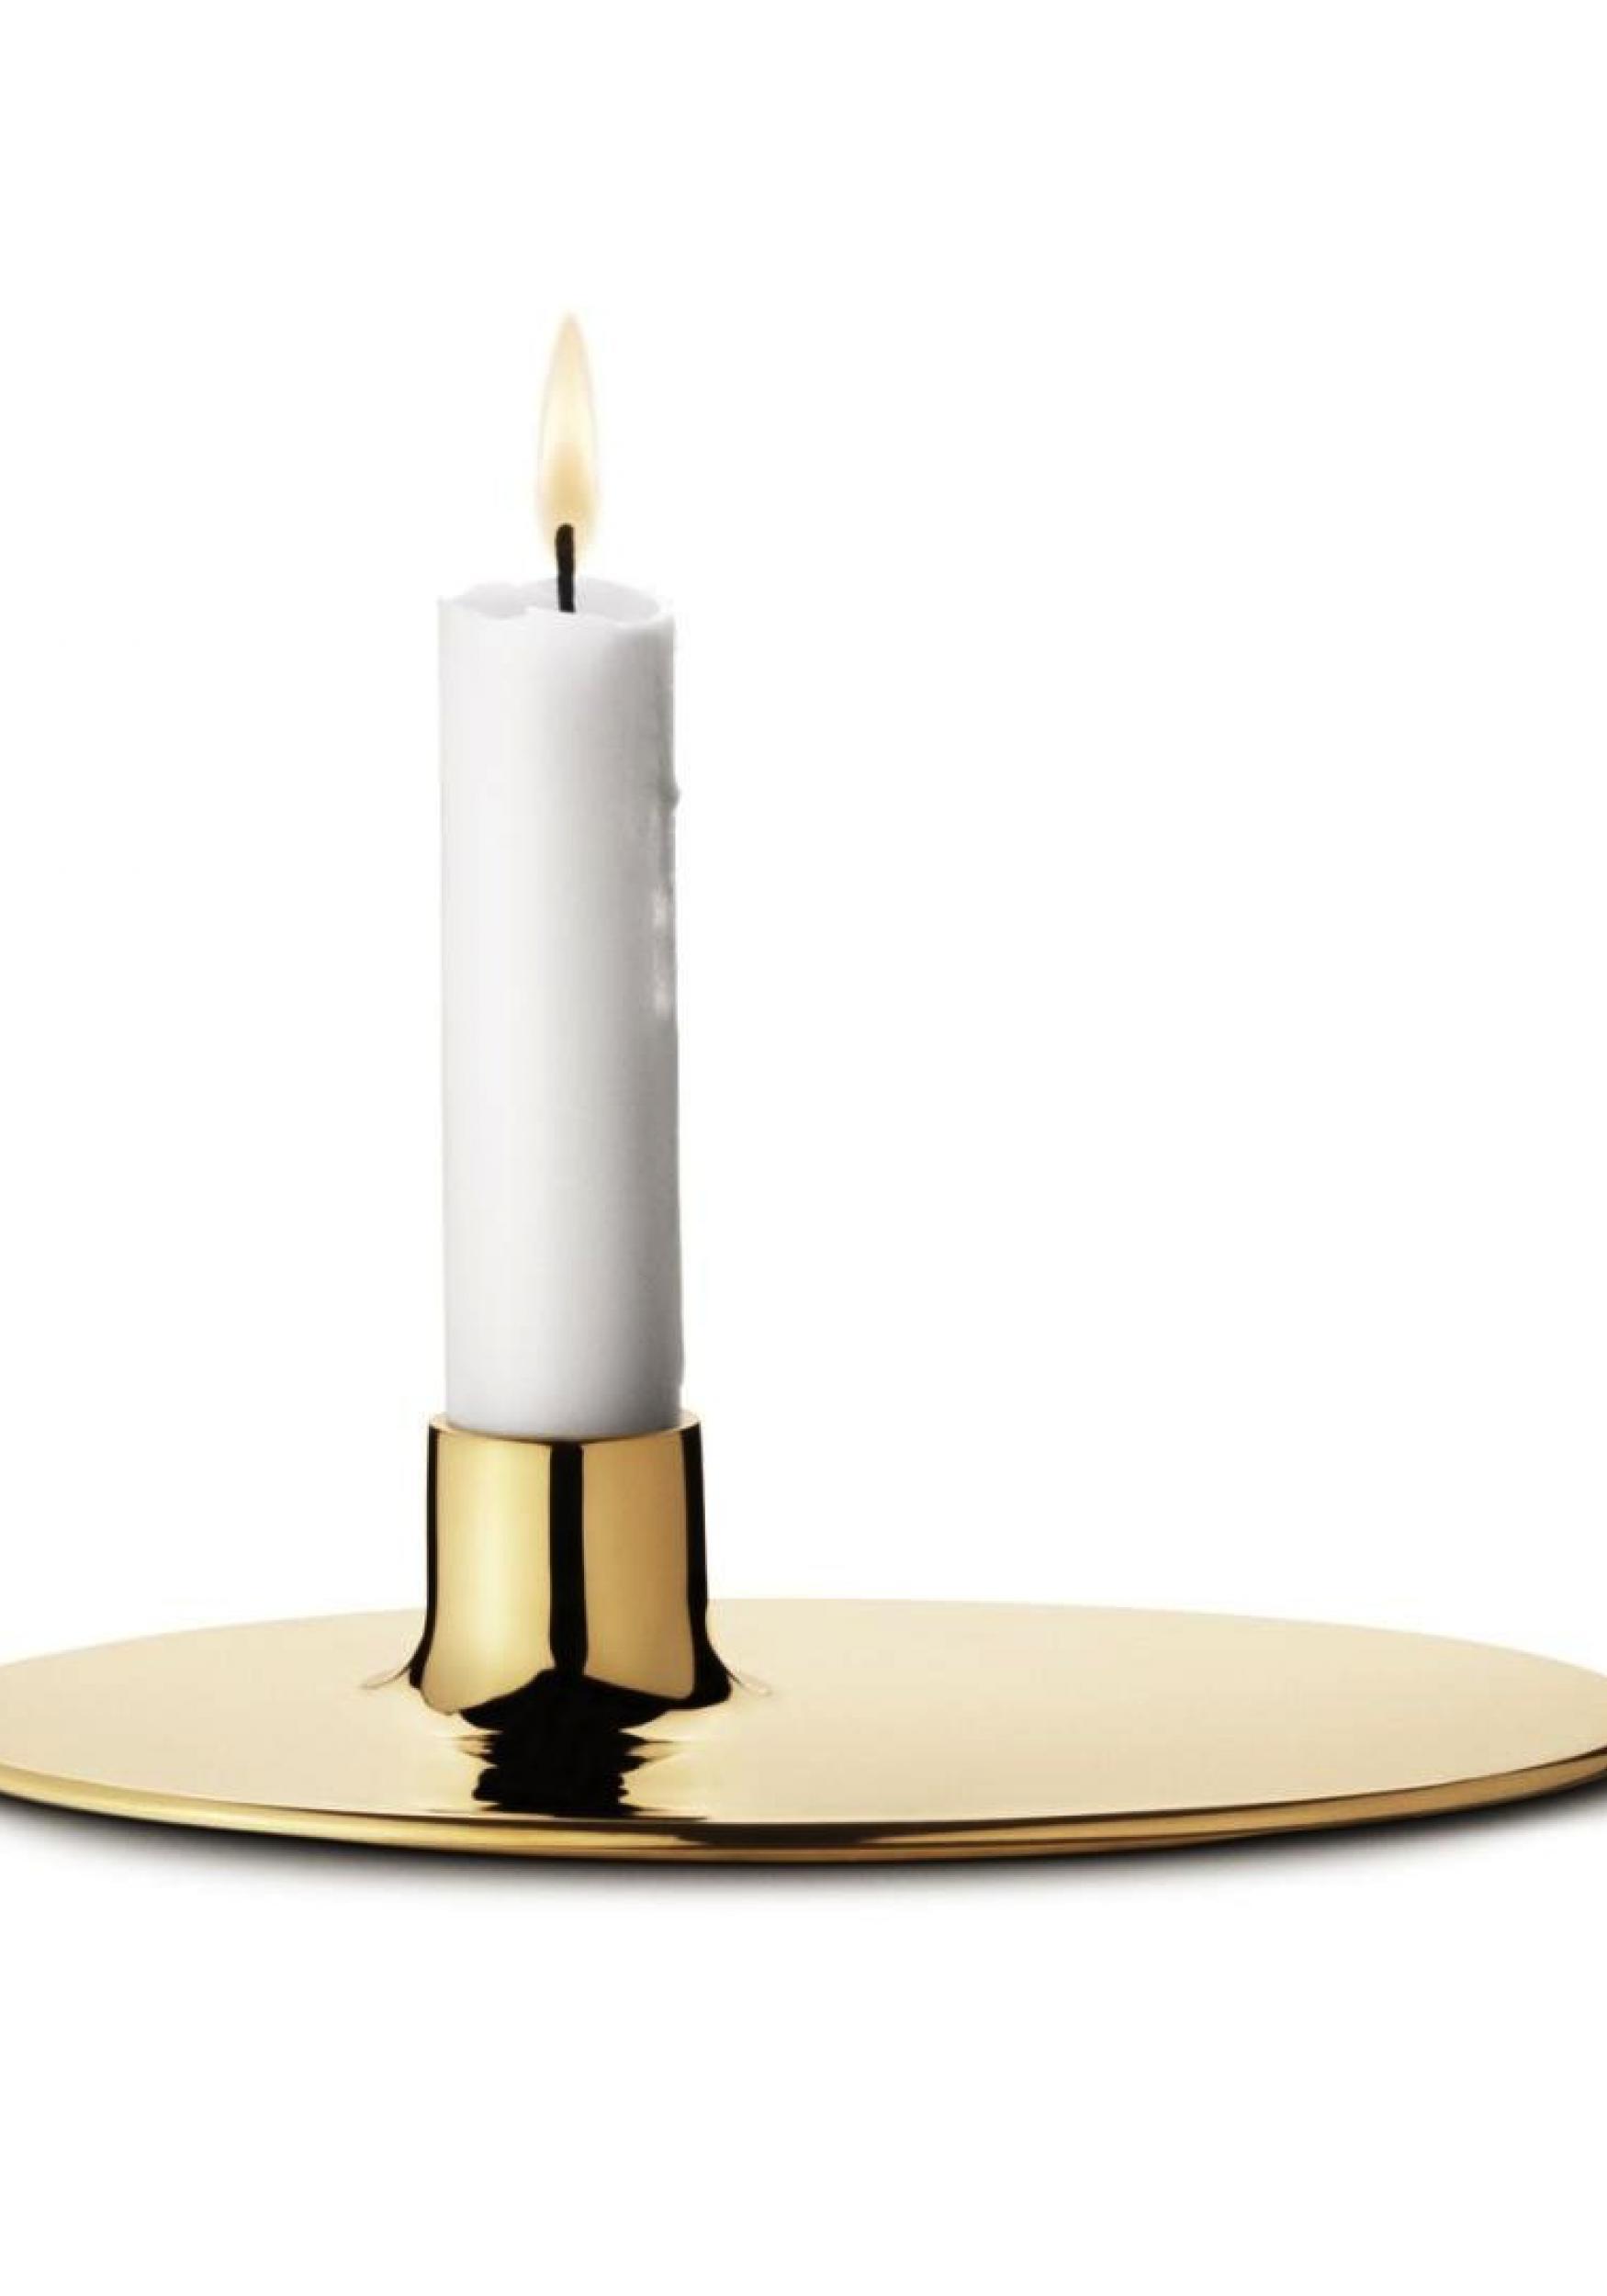 anna 39 s wunschliste f r weihnachten holm. Black Bedroom Furniture Sets. Home Design Ideas